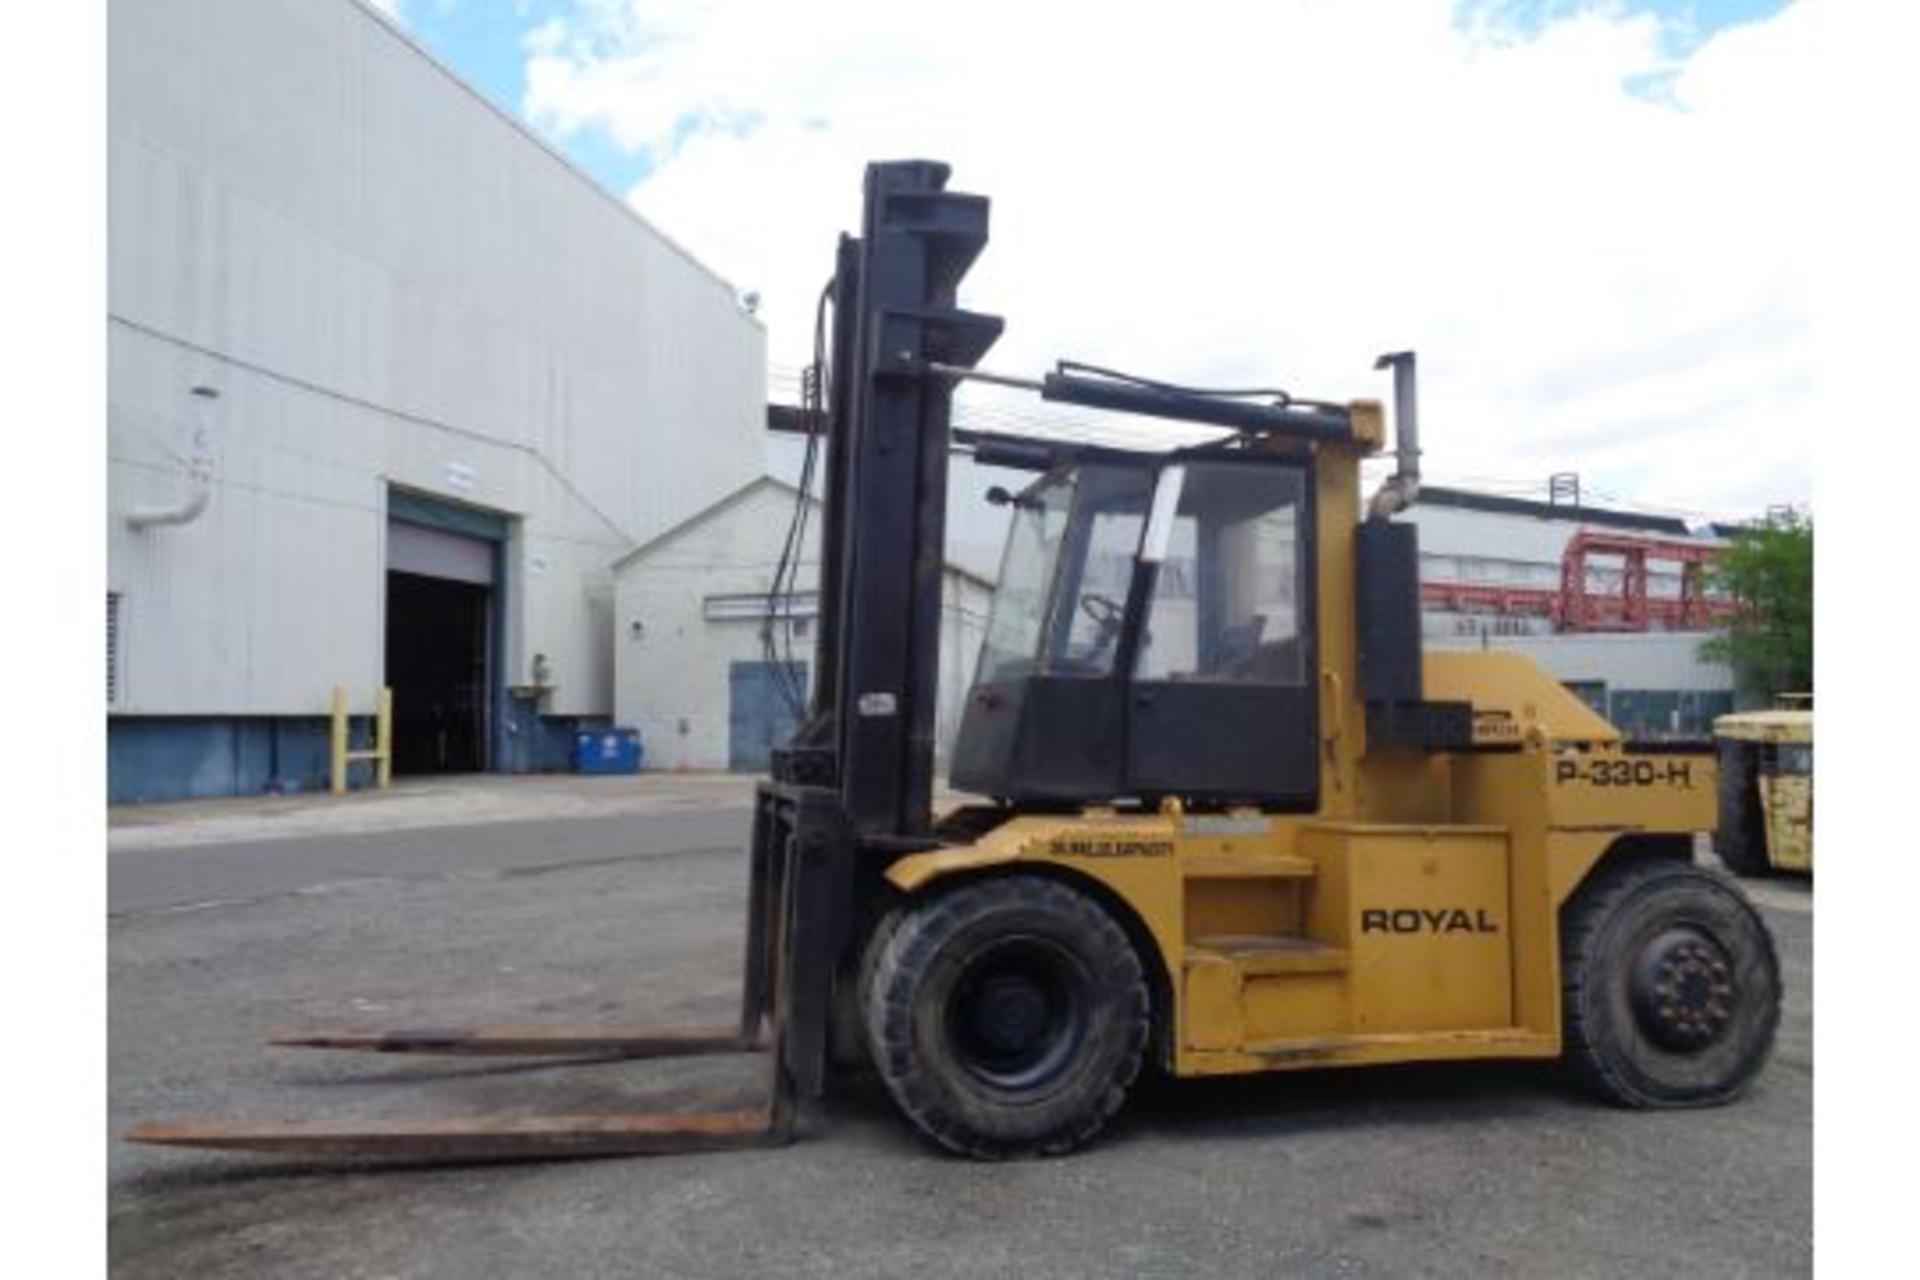 1998 Royal P330H 36,000lb Forklift - Image 4 of 19